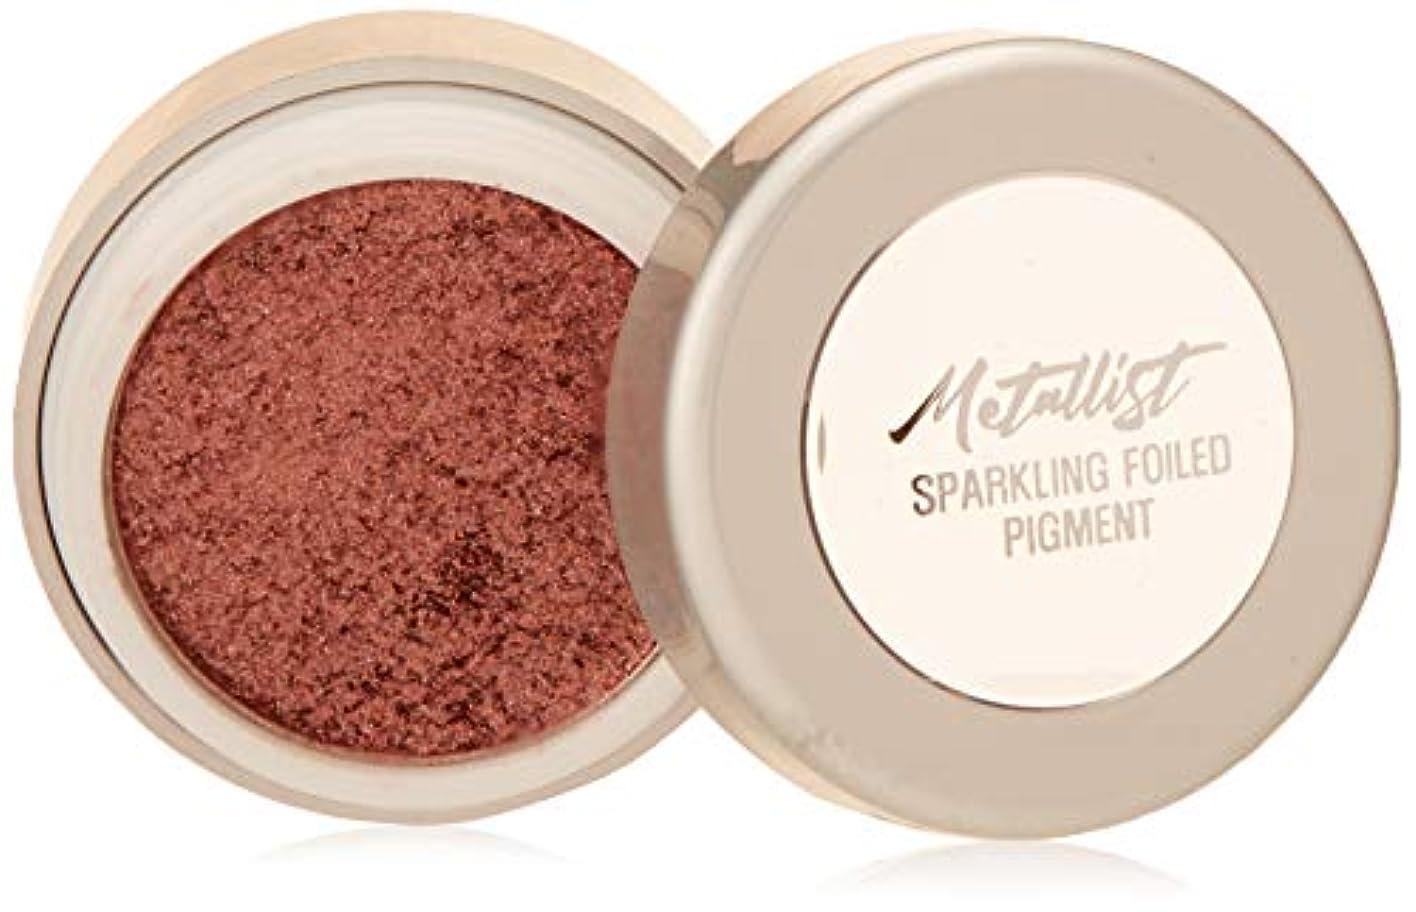 レッドデート物理的に失業Metallist Sparkling Foiled Pigment - 06 Persian Rose